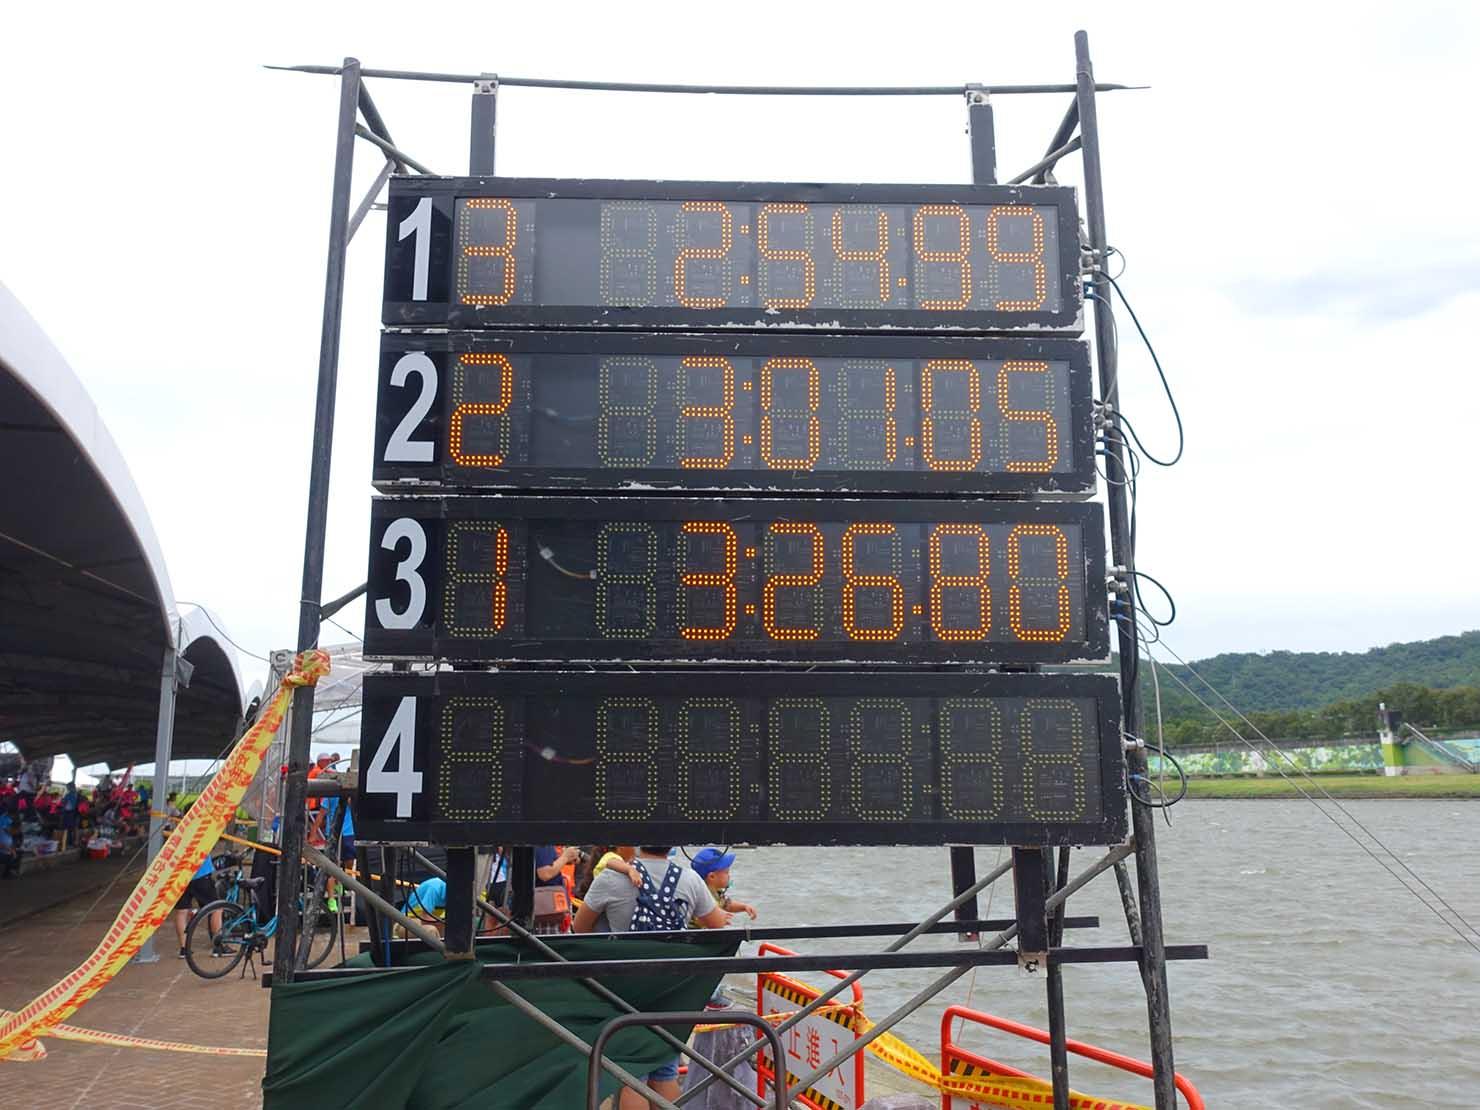 端午節の台北で行われた「龍舟競賽(ドラゴンボートレース)」会場のタイムボード